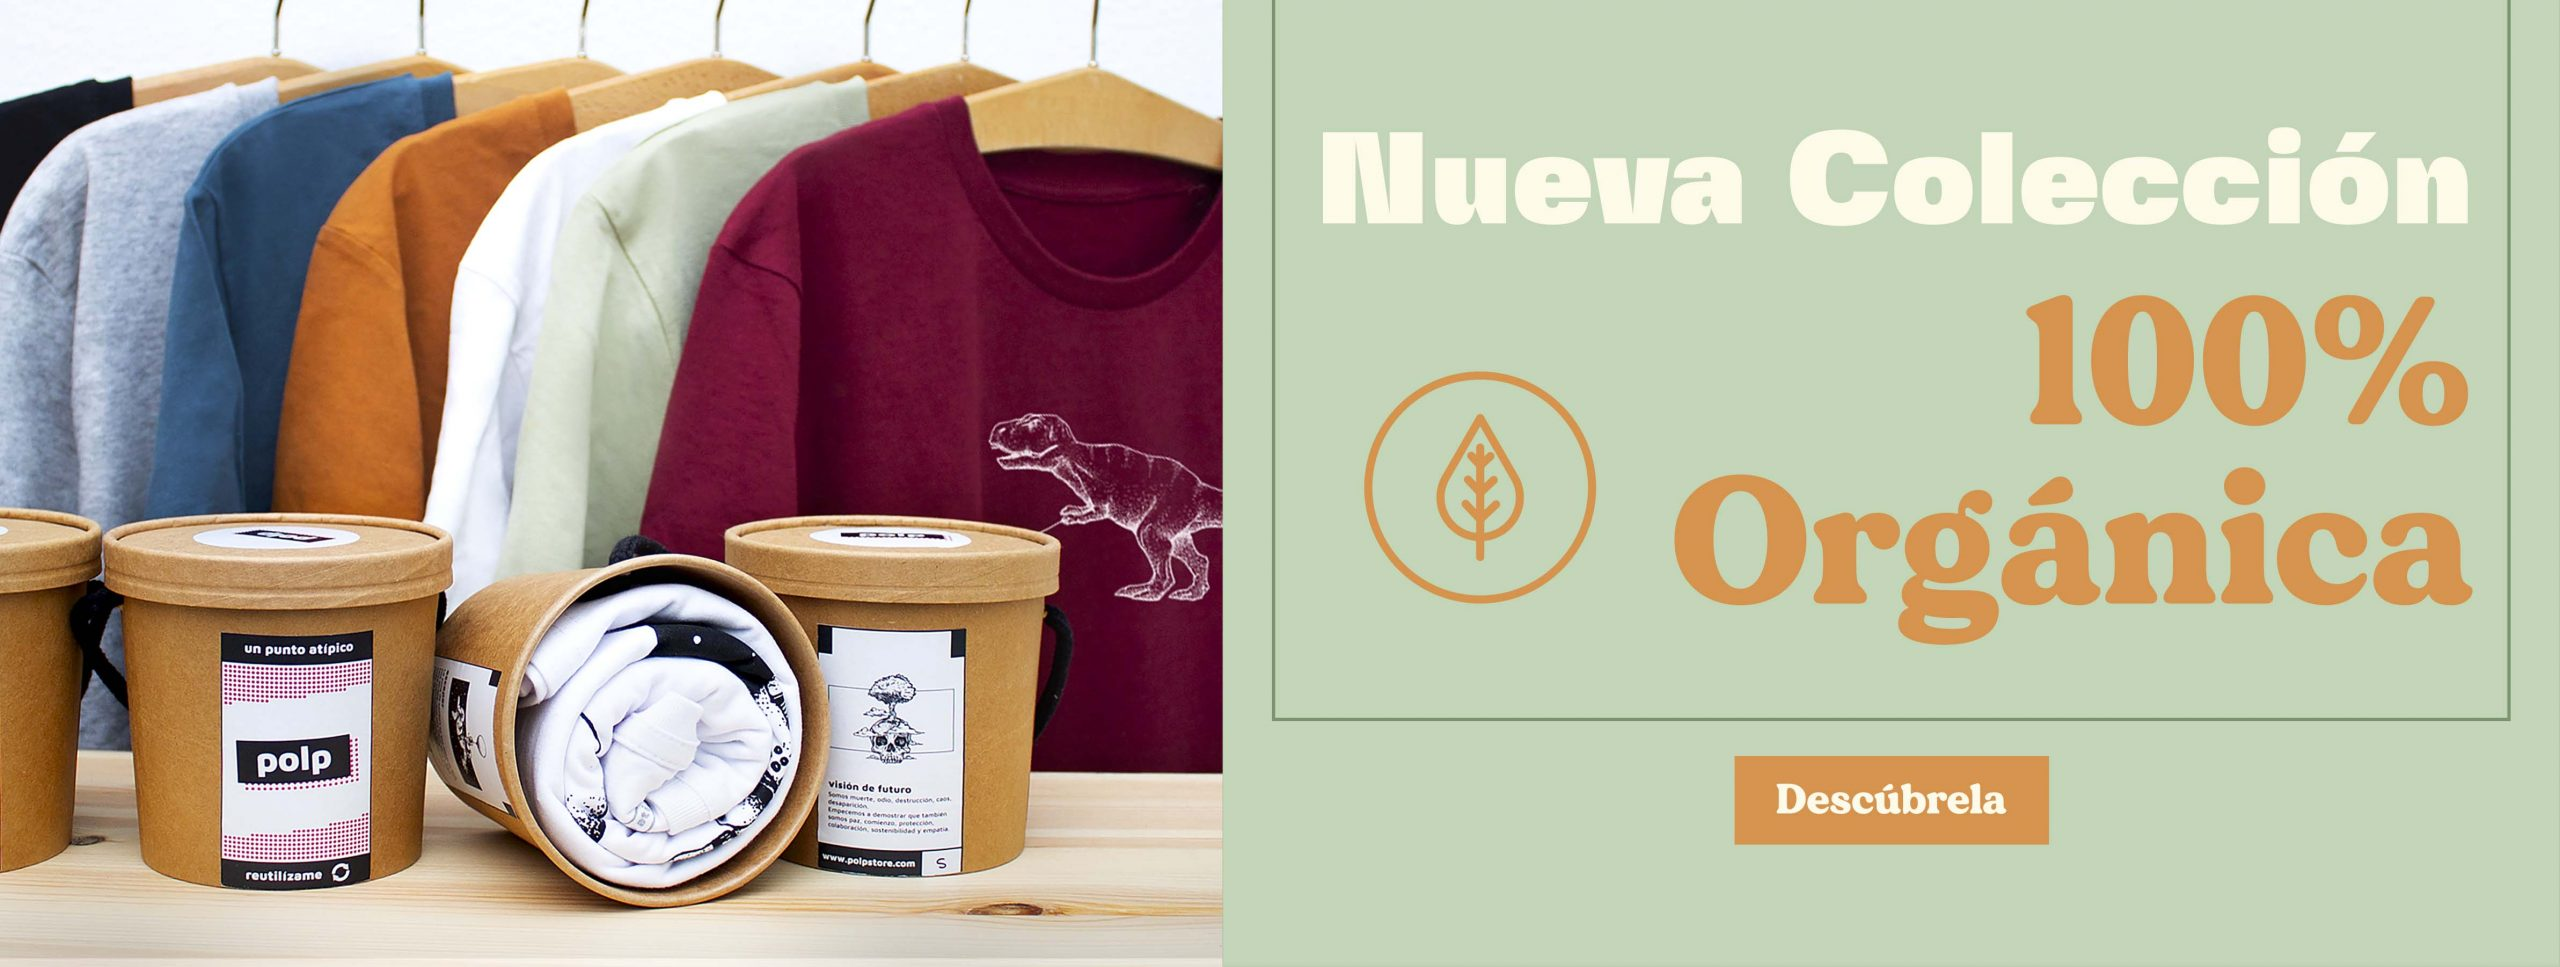 NUEVA colecciÓn de camisetas orgánicas de polp para móvil